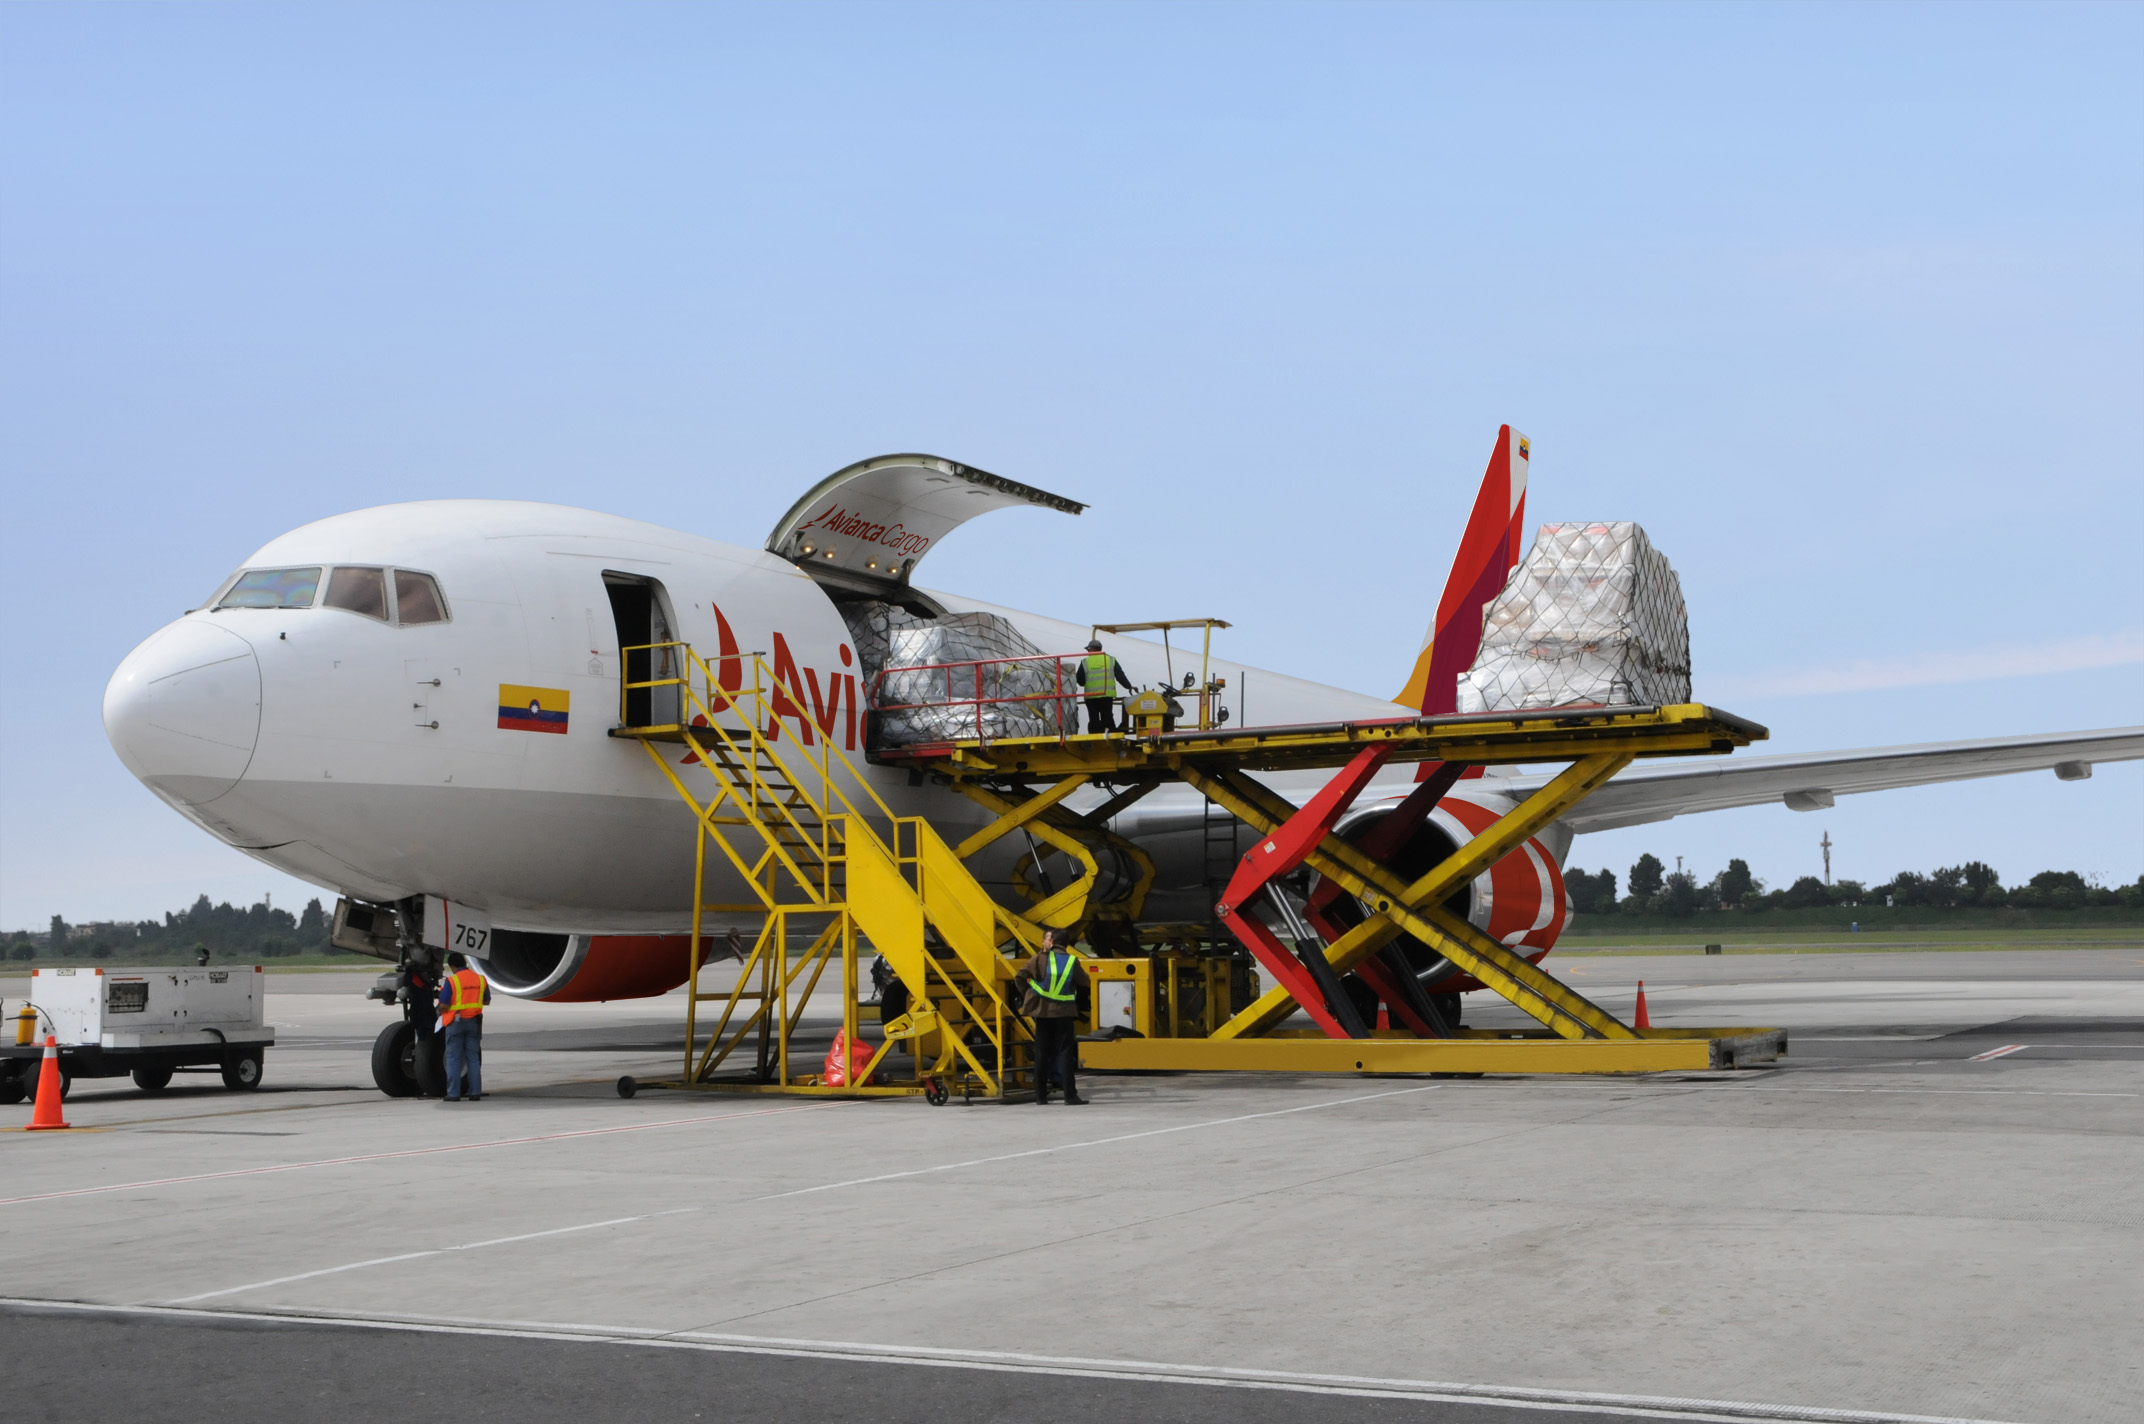 Aumento de comercio electrónico satura transporte aéreo guatemalteco por temporada navideña